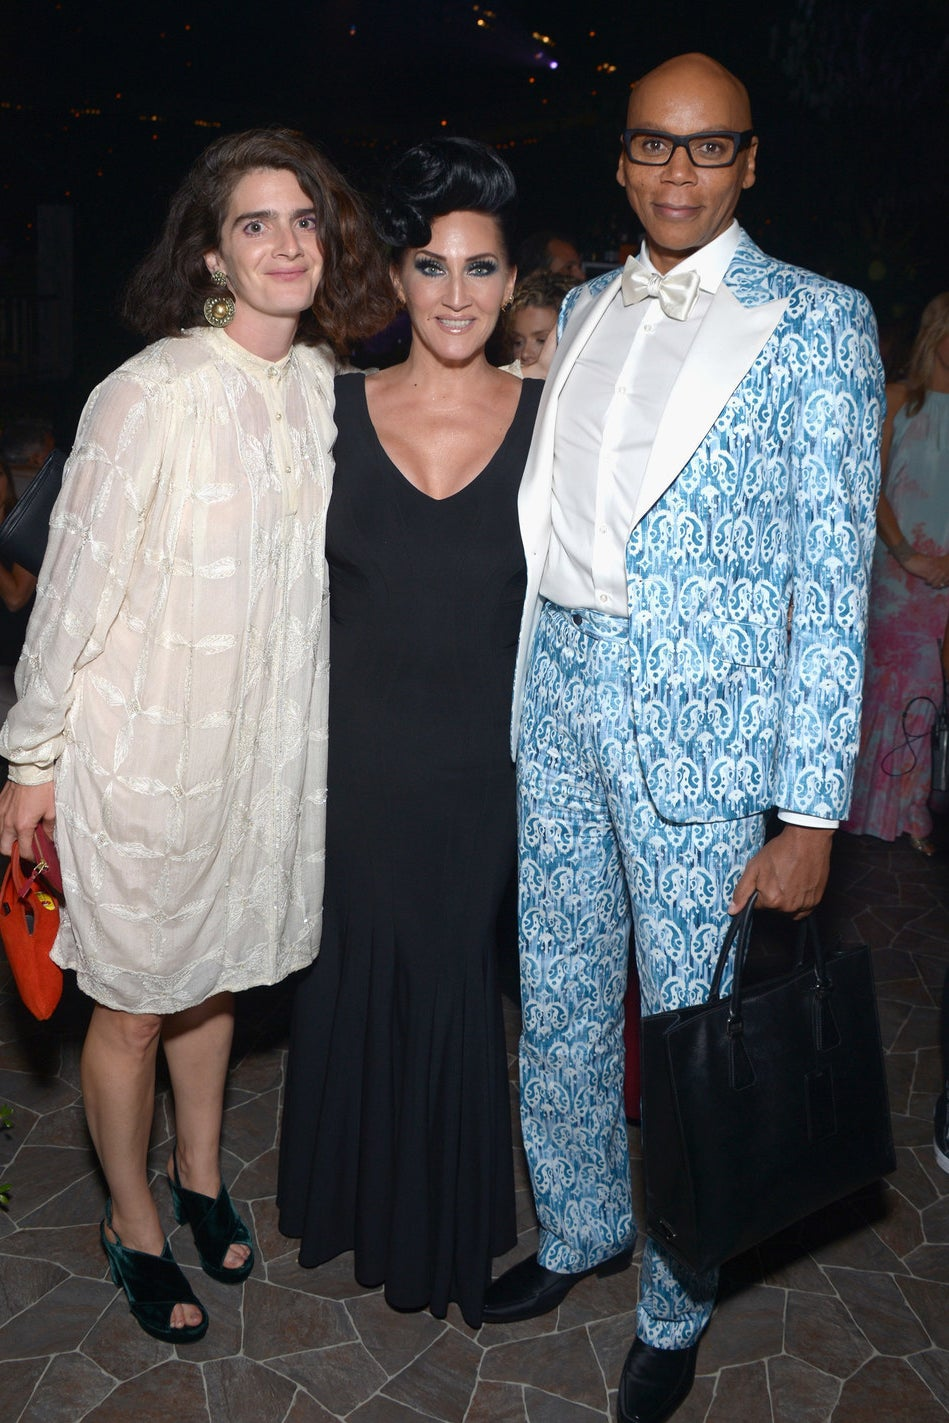 Gaby Hoffmann, Michelle Visage and Ru Paul